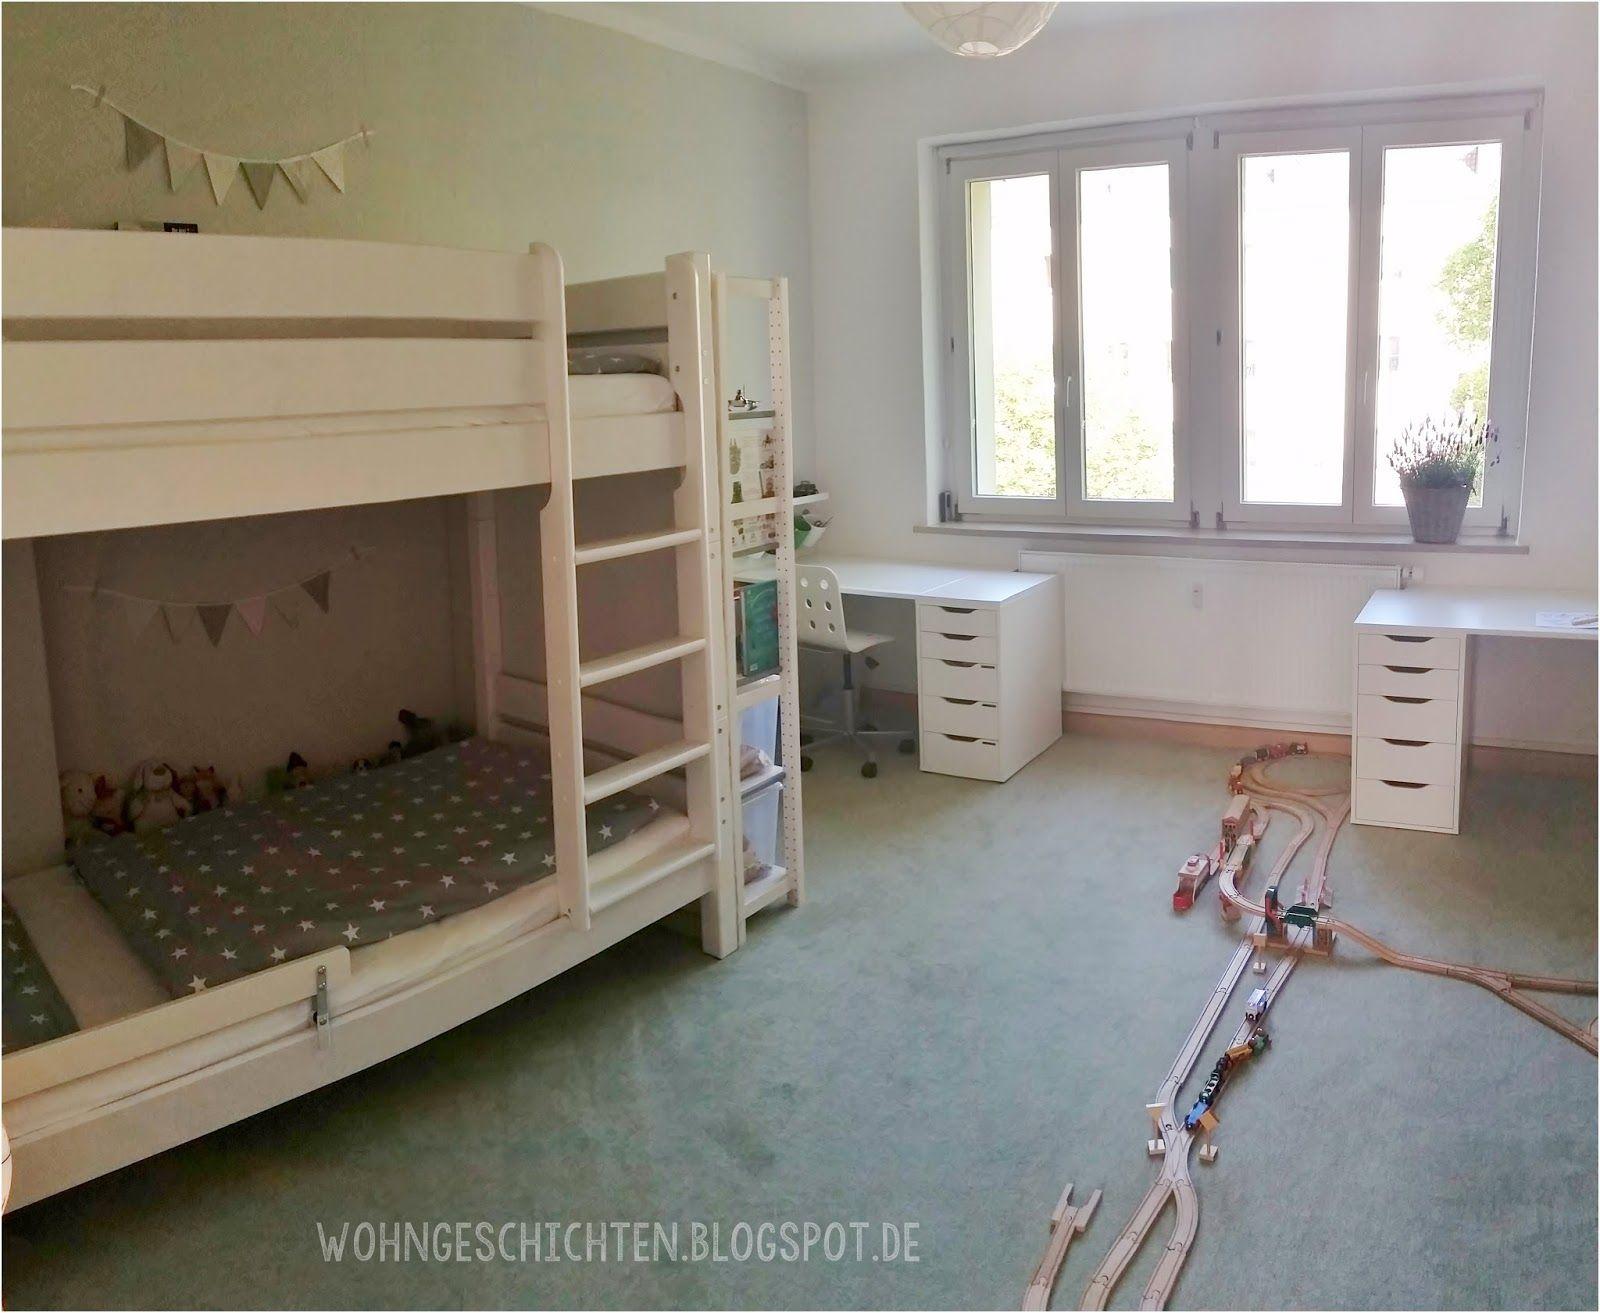 Schön Hellweg Kinderzimmer Etagenbett Schreibtisch Jugendzimmer Baumarkt  Kinderzimmer Für 2 Kinder Doppelstockbett